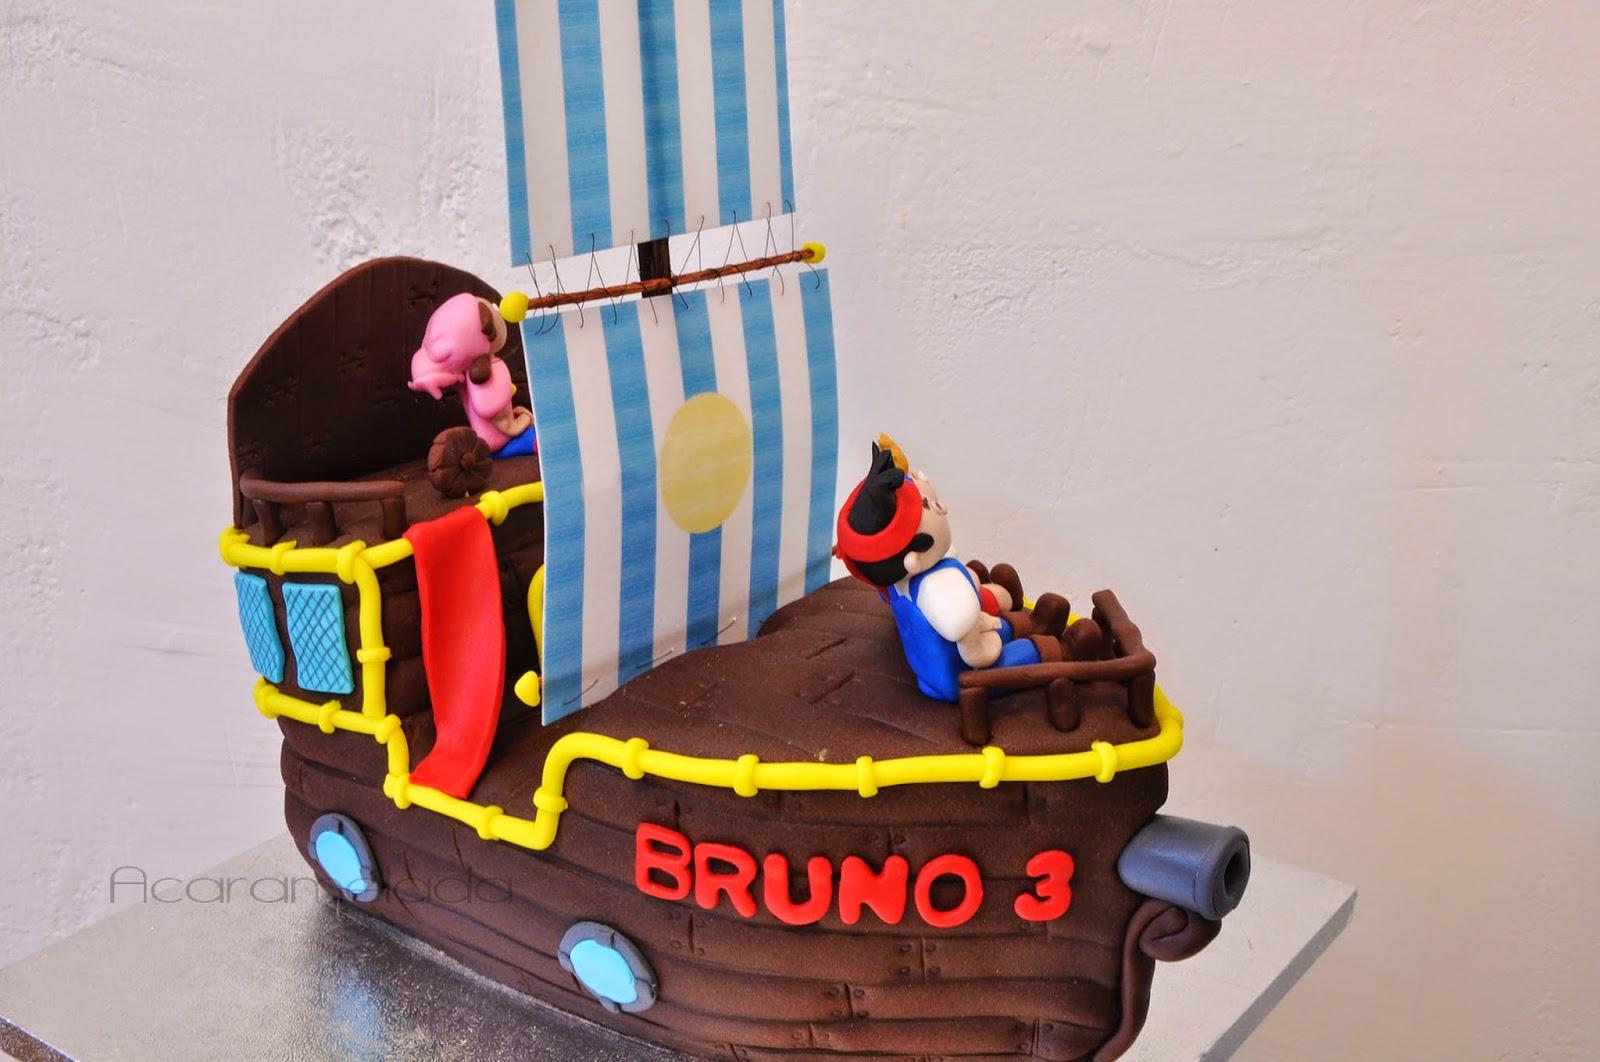 Tarta de fondant de Jake y los piratas de nunca jamas. Barco de bizcocho forrado de fondant con las figuras modeladas en fondant de jake y los piratas de nunca jamás de Disney.